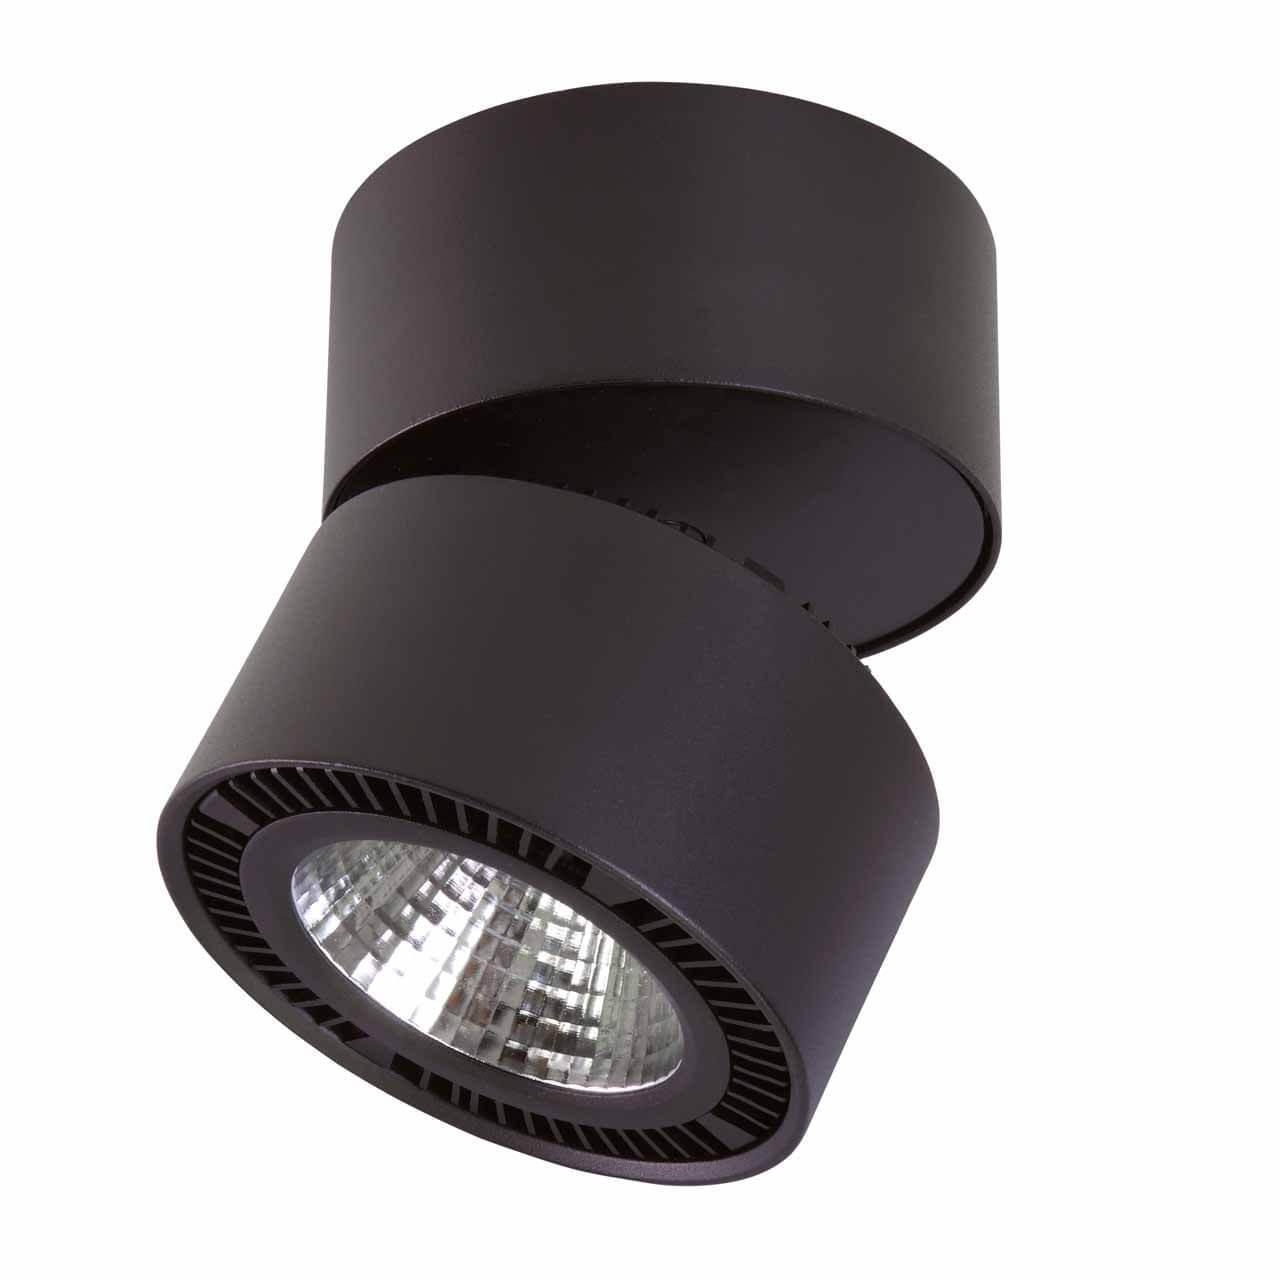 Потолочный светодиодный светильник Lightstar Forte Muro 213857 потолочный светодиодный светильник lightstar forte muro 214839